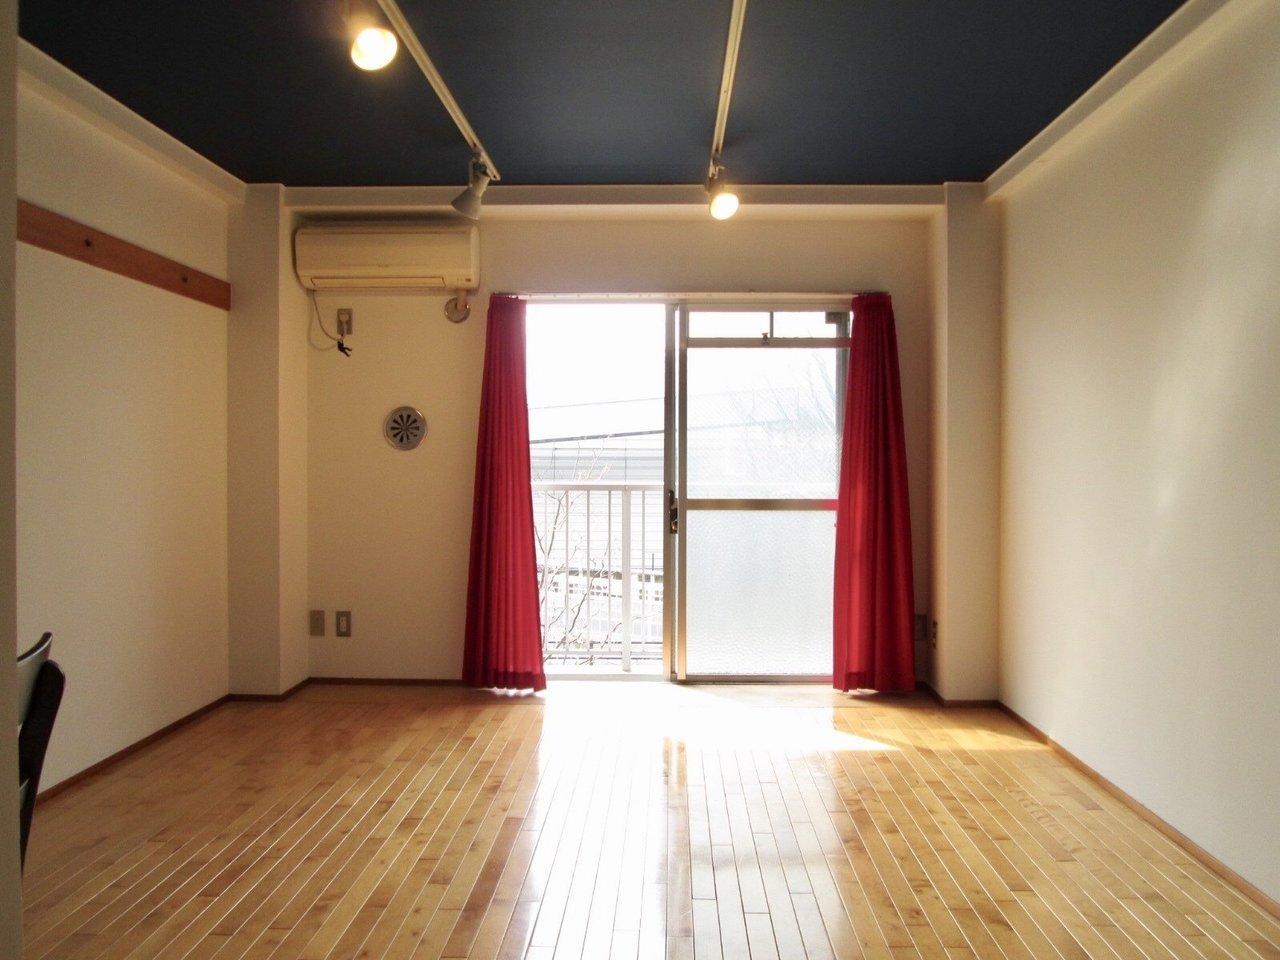 goodroomで「ライティングレール」のある部屋を検索